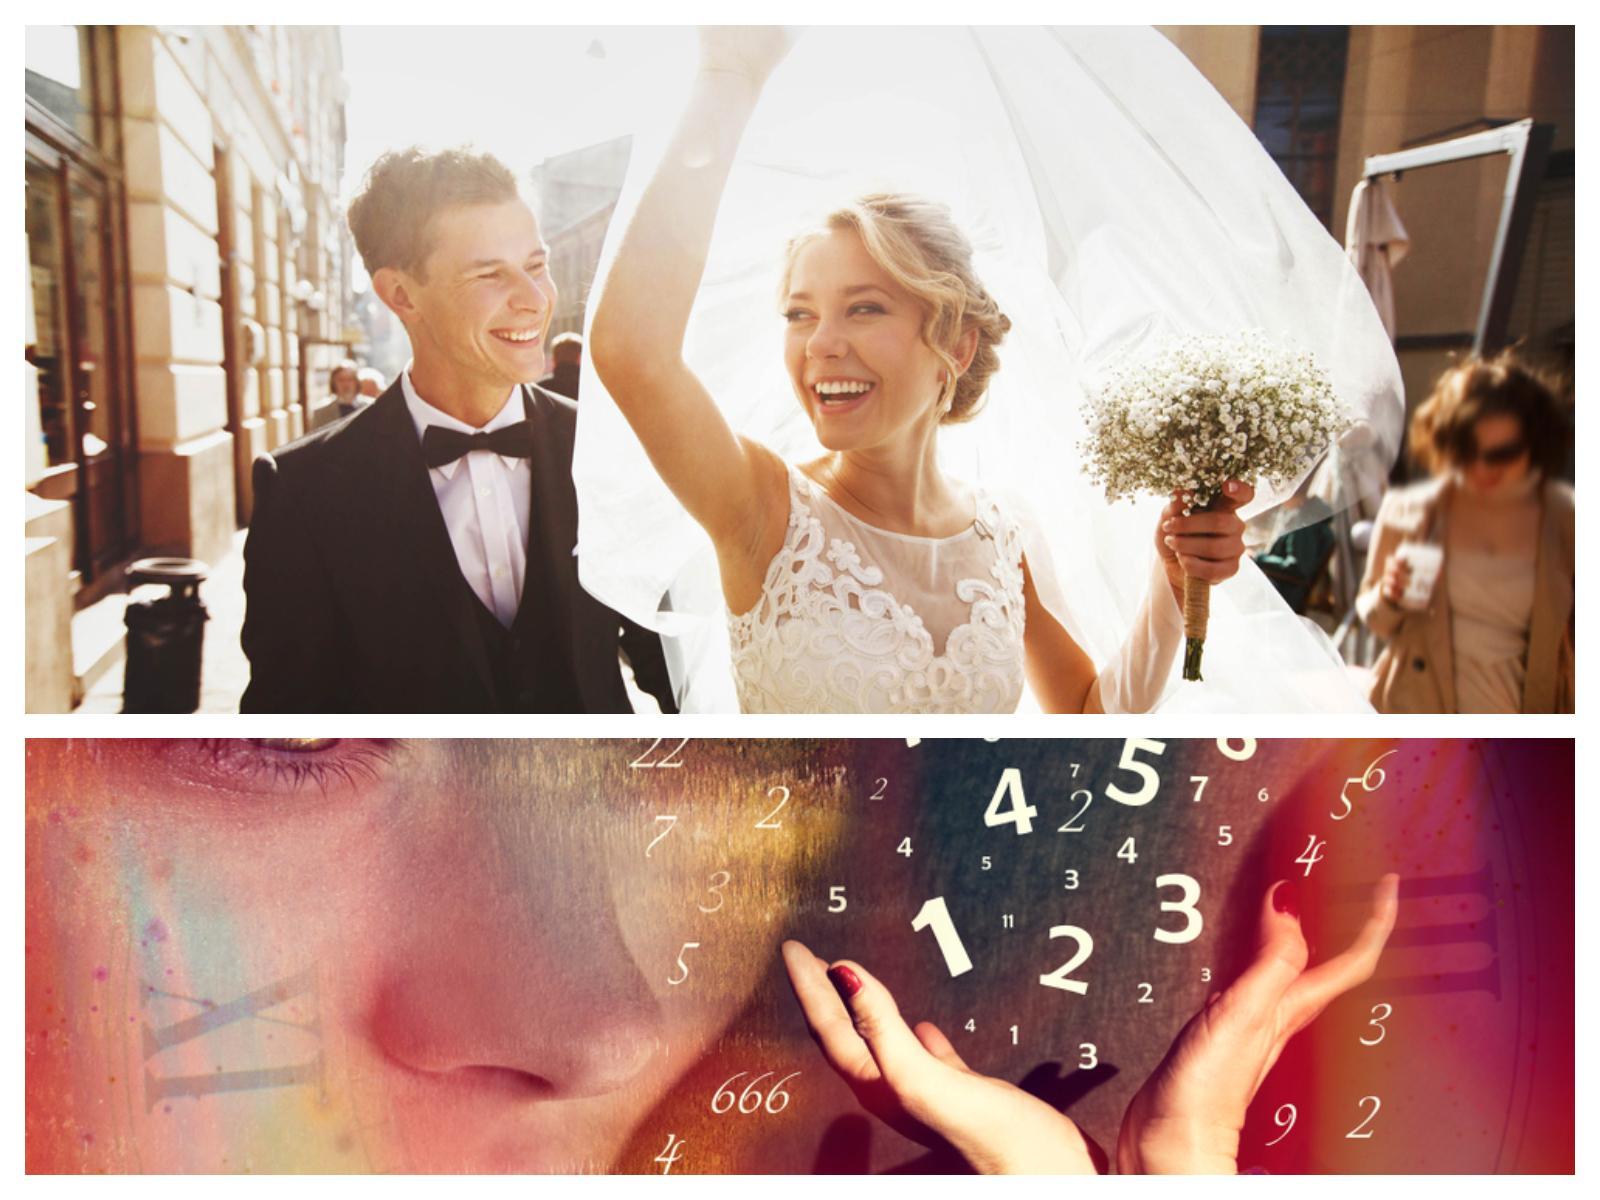 Ce spune data căsătoriei despre bunăstarea cuplului. Numerologul Corina Stratulat: Momentul nunții influențează căsnicia